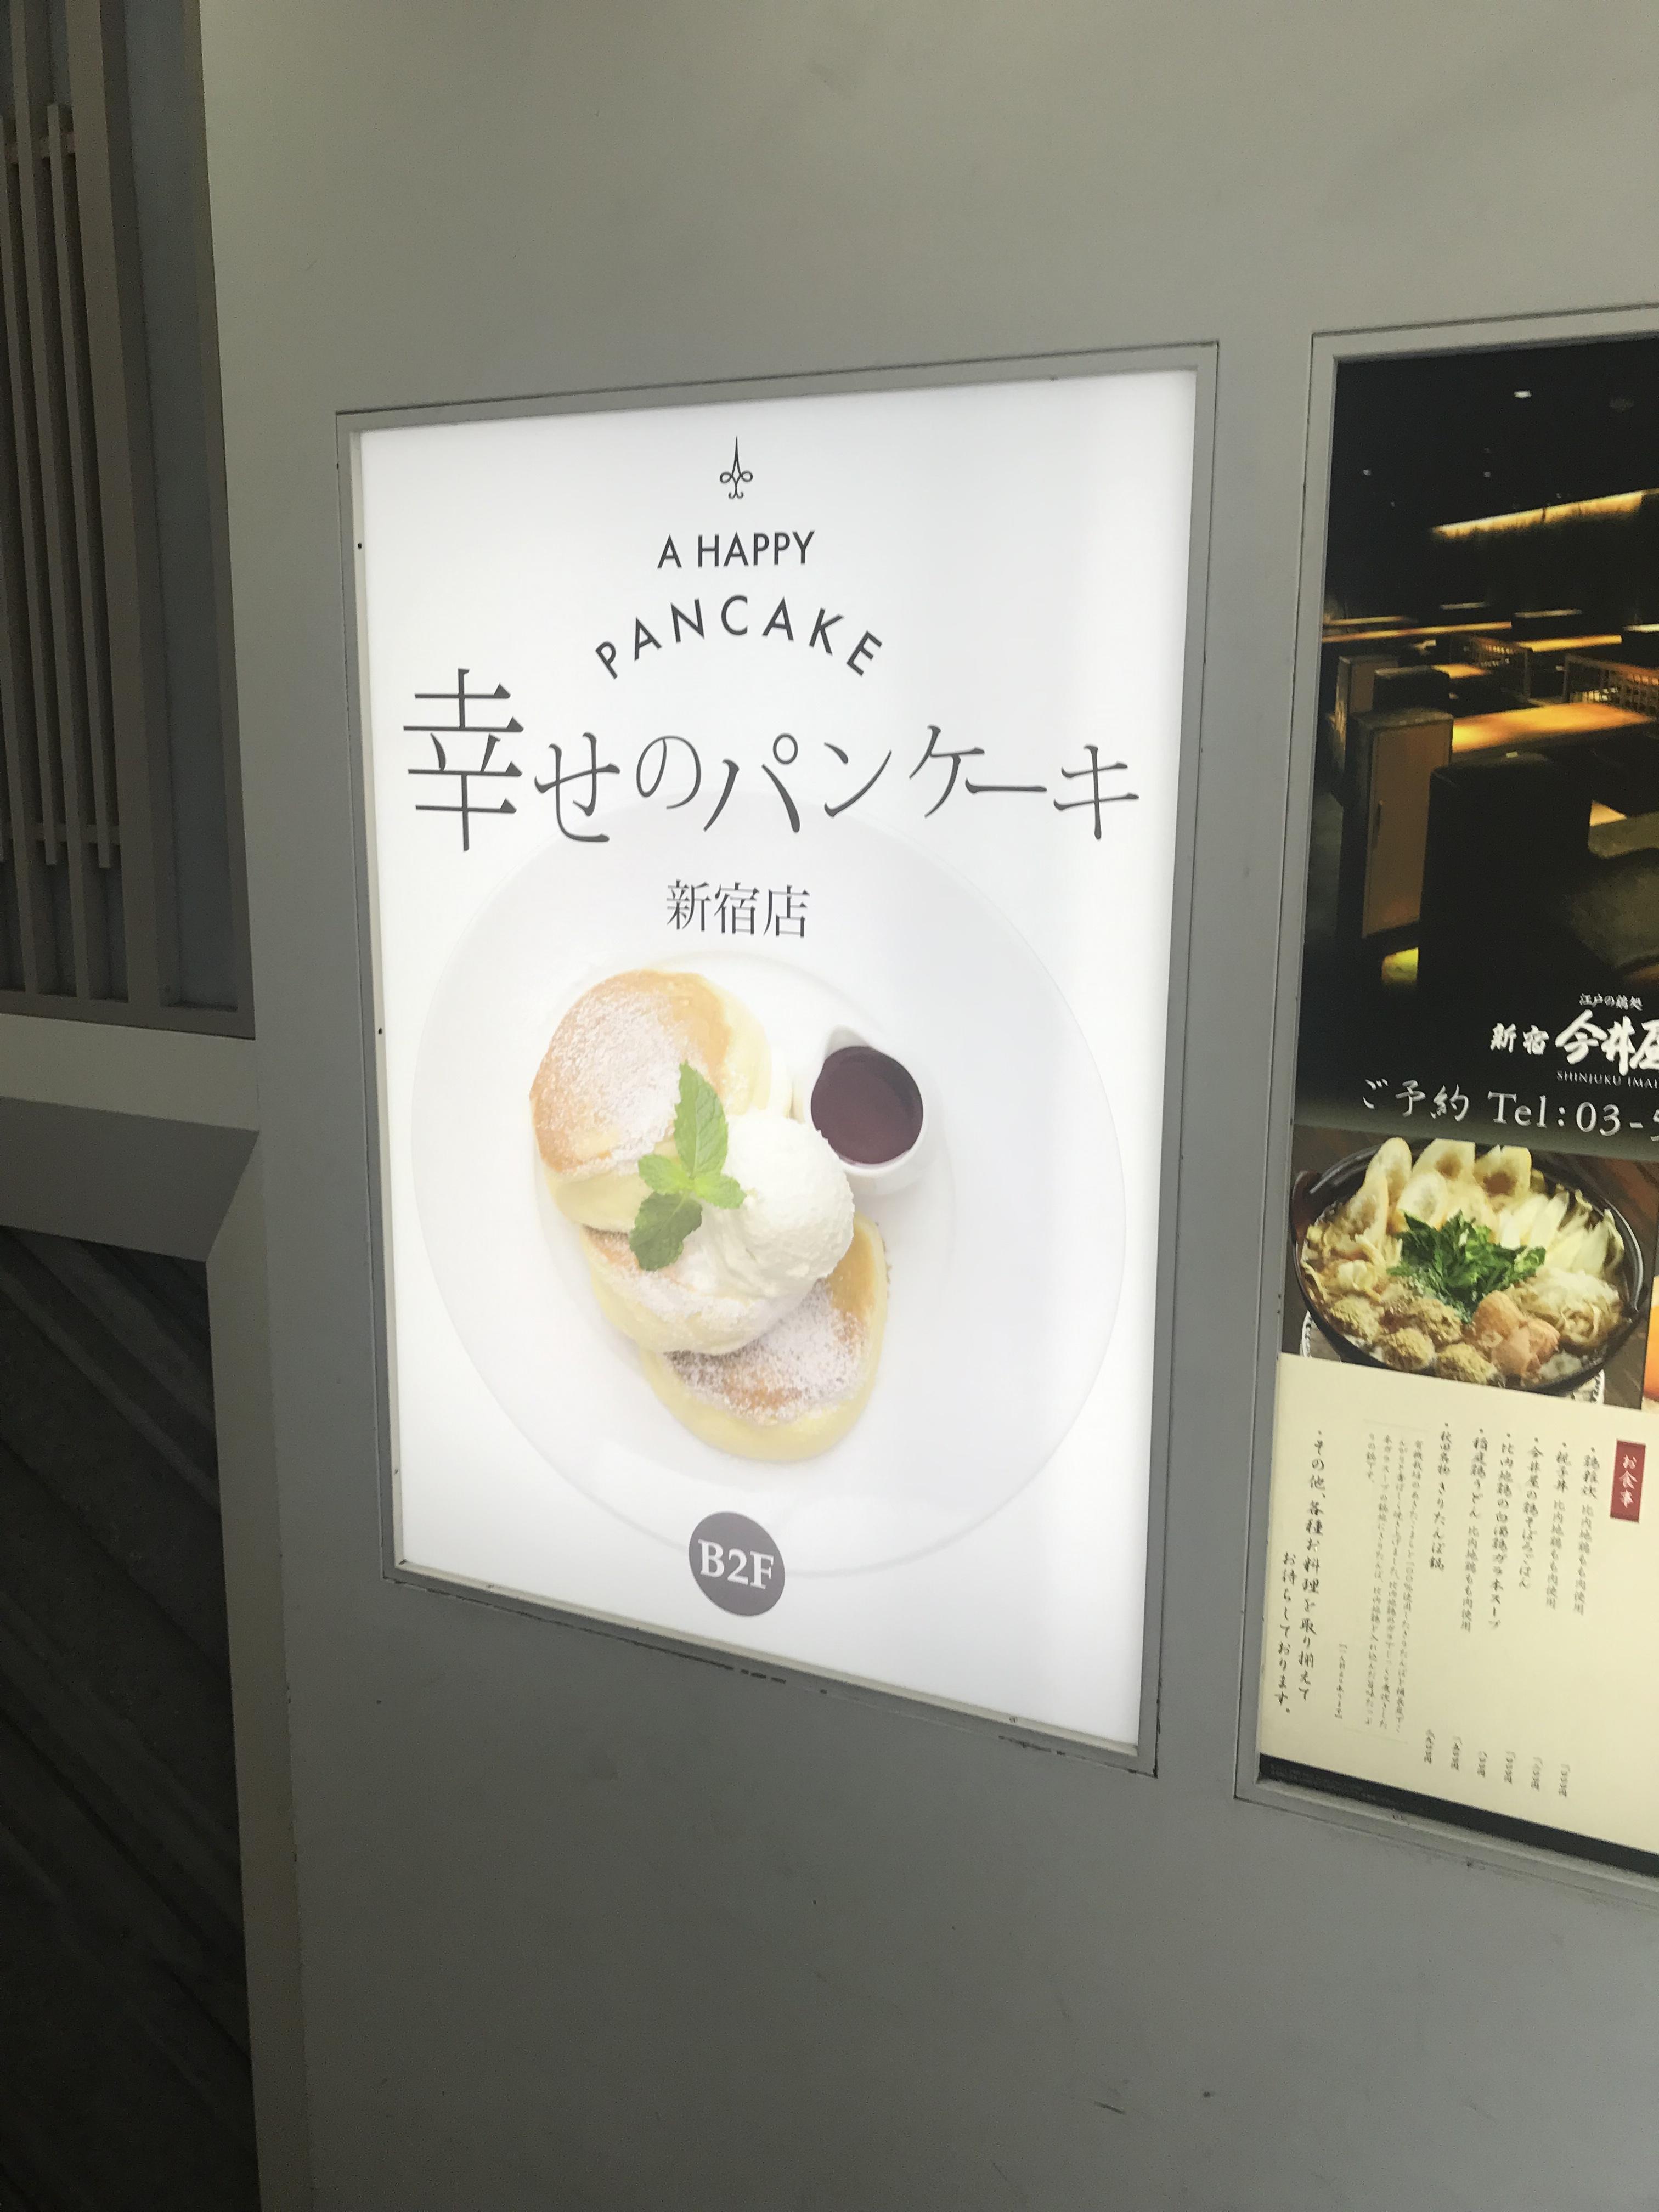 幸せのパンケーキ 新宿店 予約は必要?混み具合は?@新宿三丁目